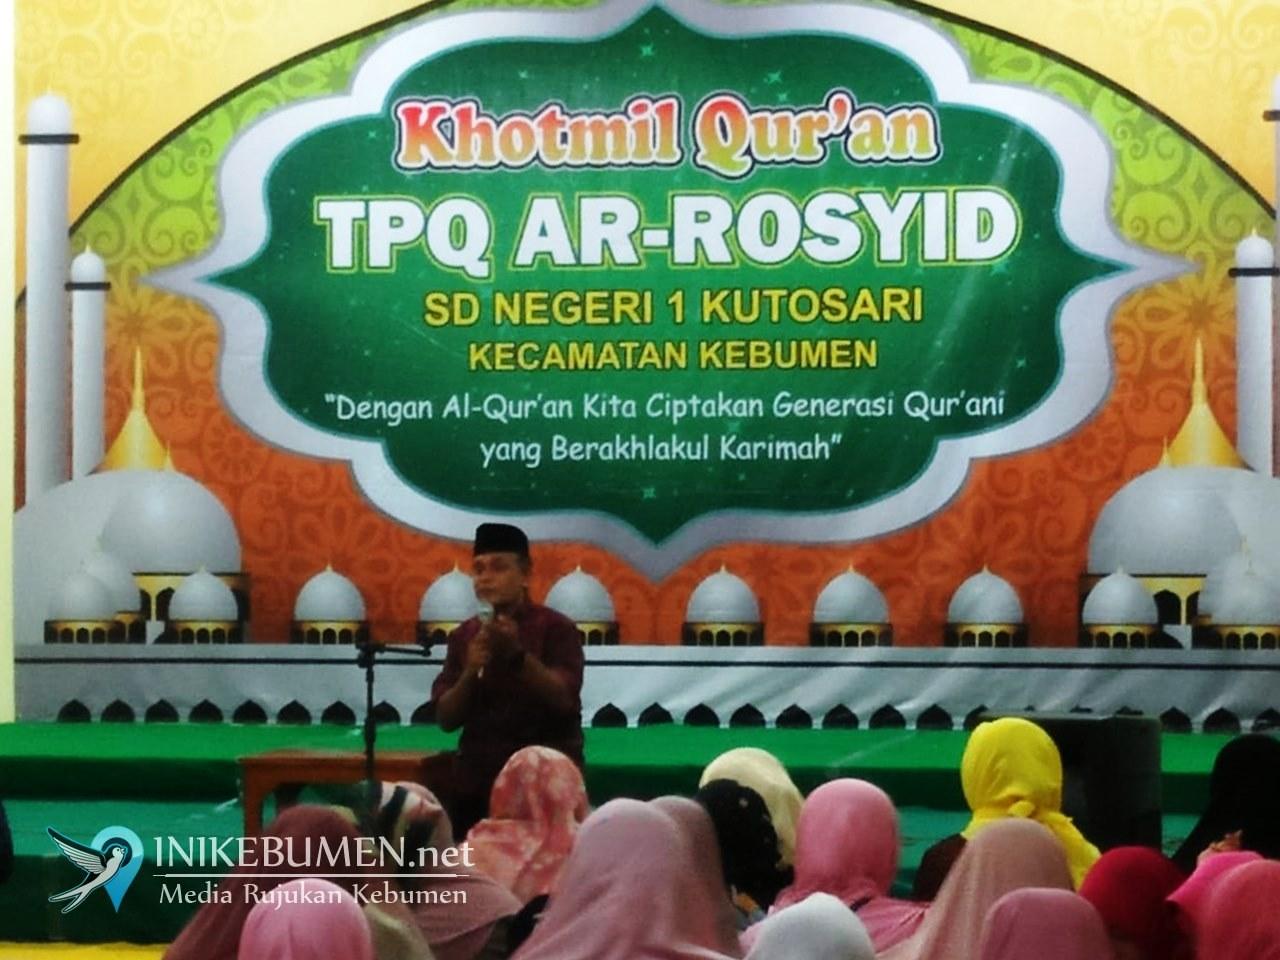 Alhamdulillah, Siswa-siswi Kelas 6 SD N 1 Kutosari Sudah Khatam Quran